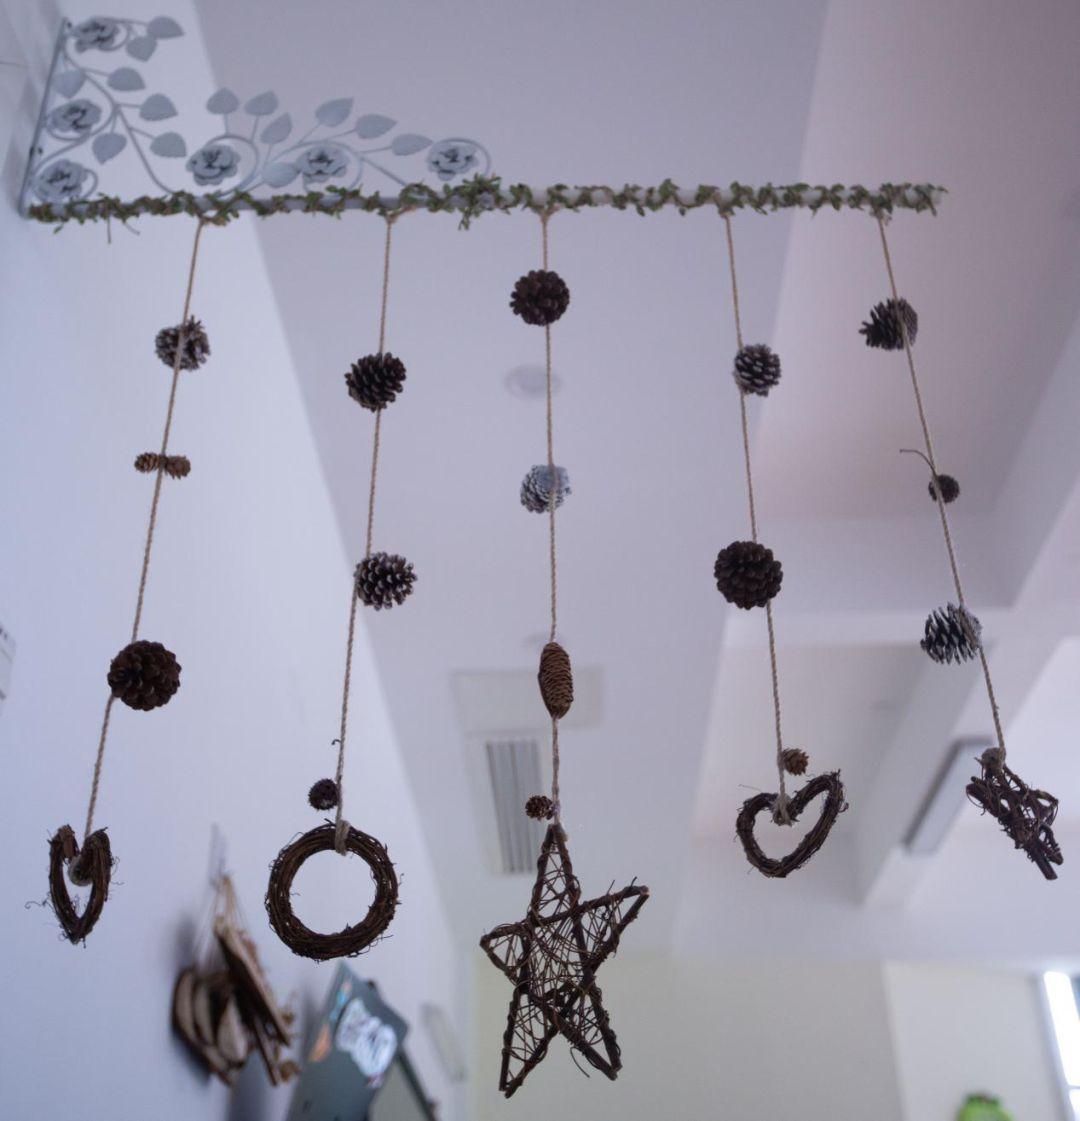 吊饰来张贴各个区域的标识,周围部分留白,根据活动的进程张贴幼儿活动